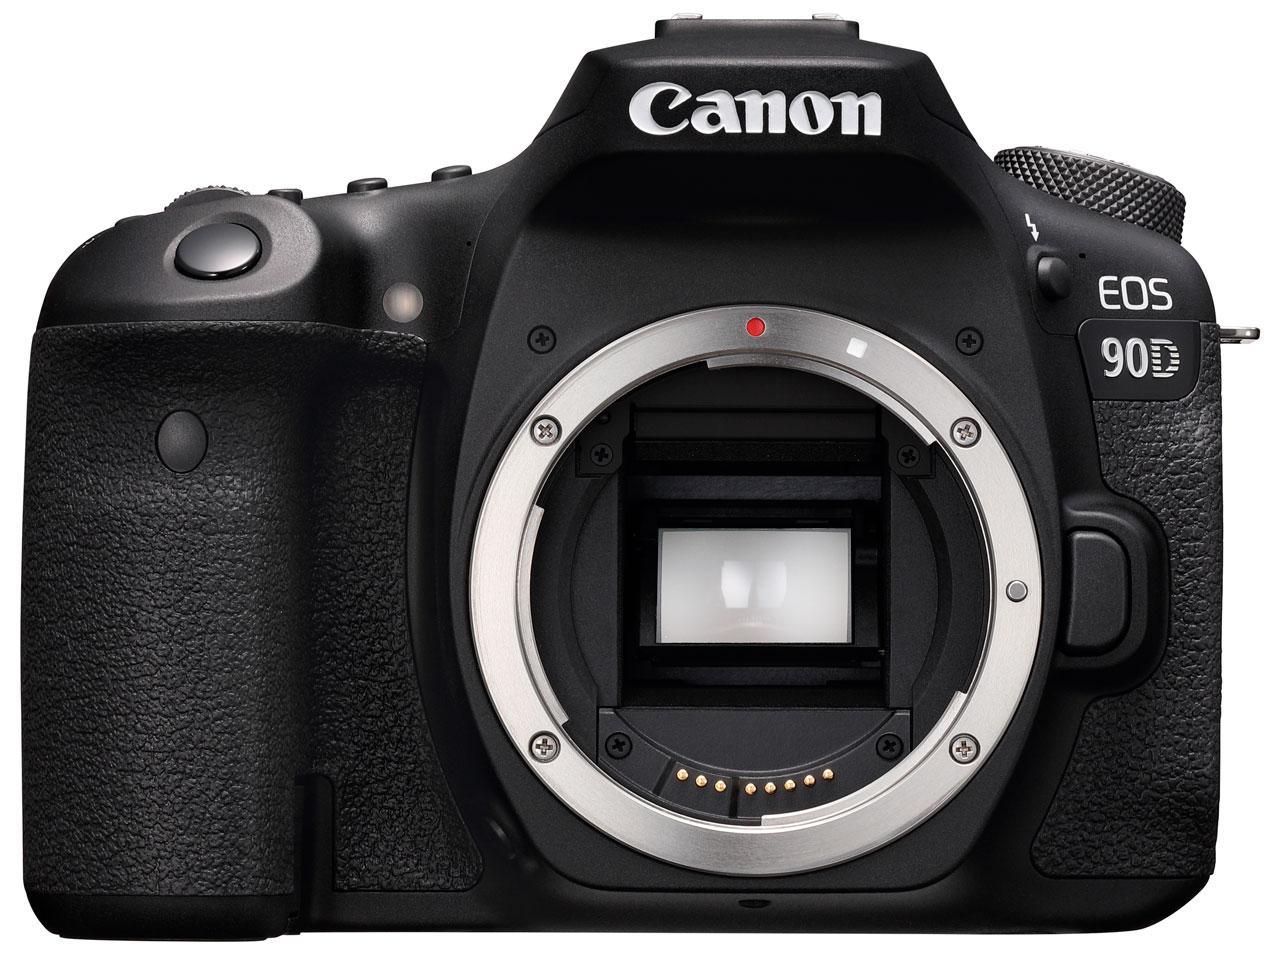 【新品】Canon キヤノン EOS 90D・ボディー(レンズ別売り)